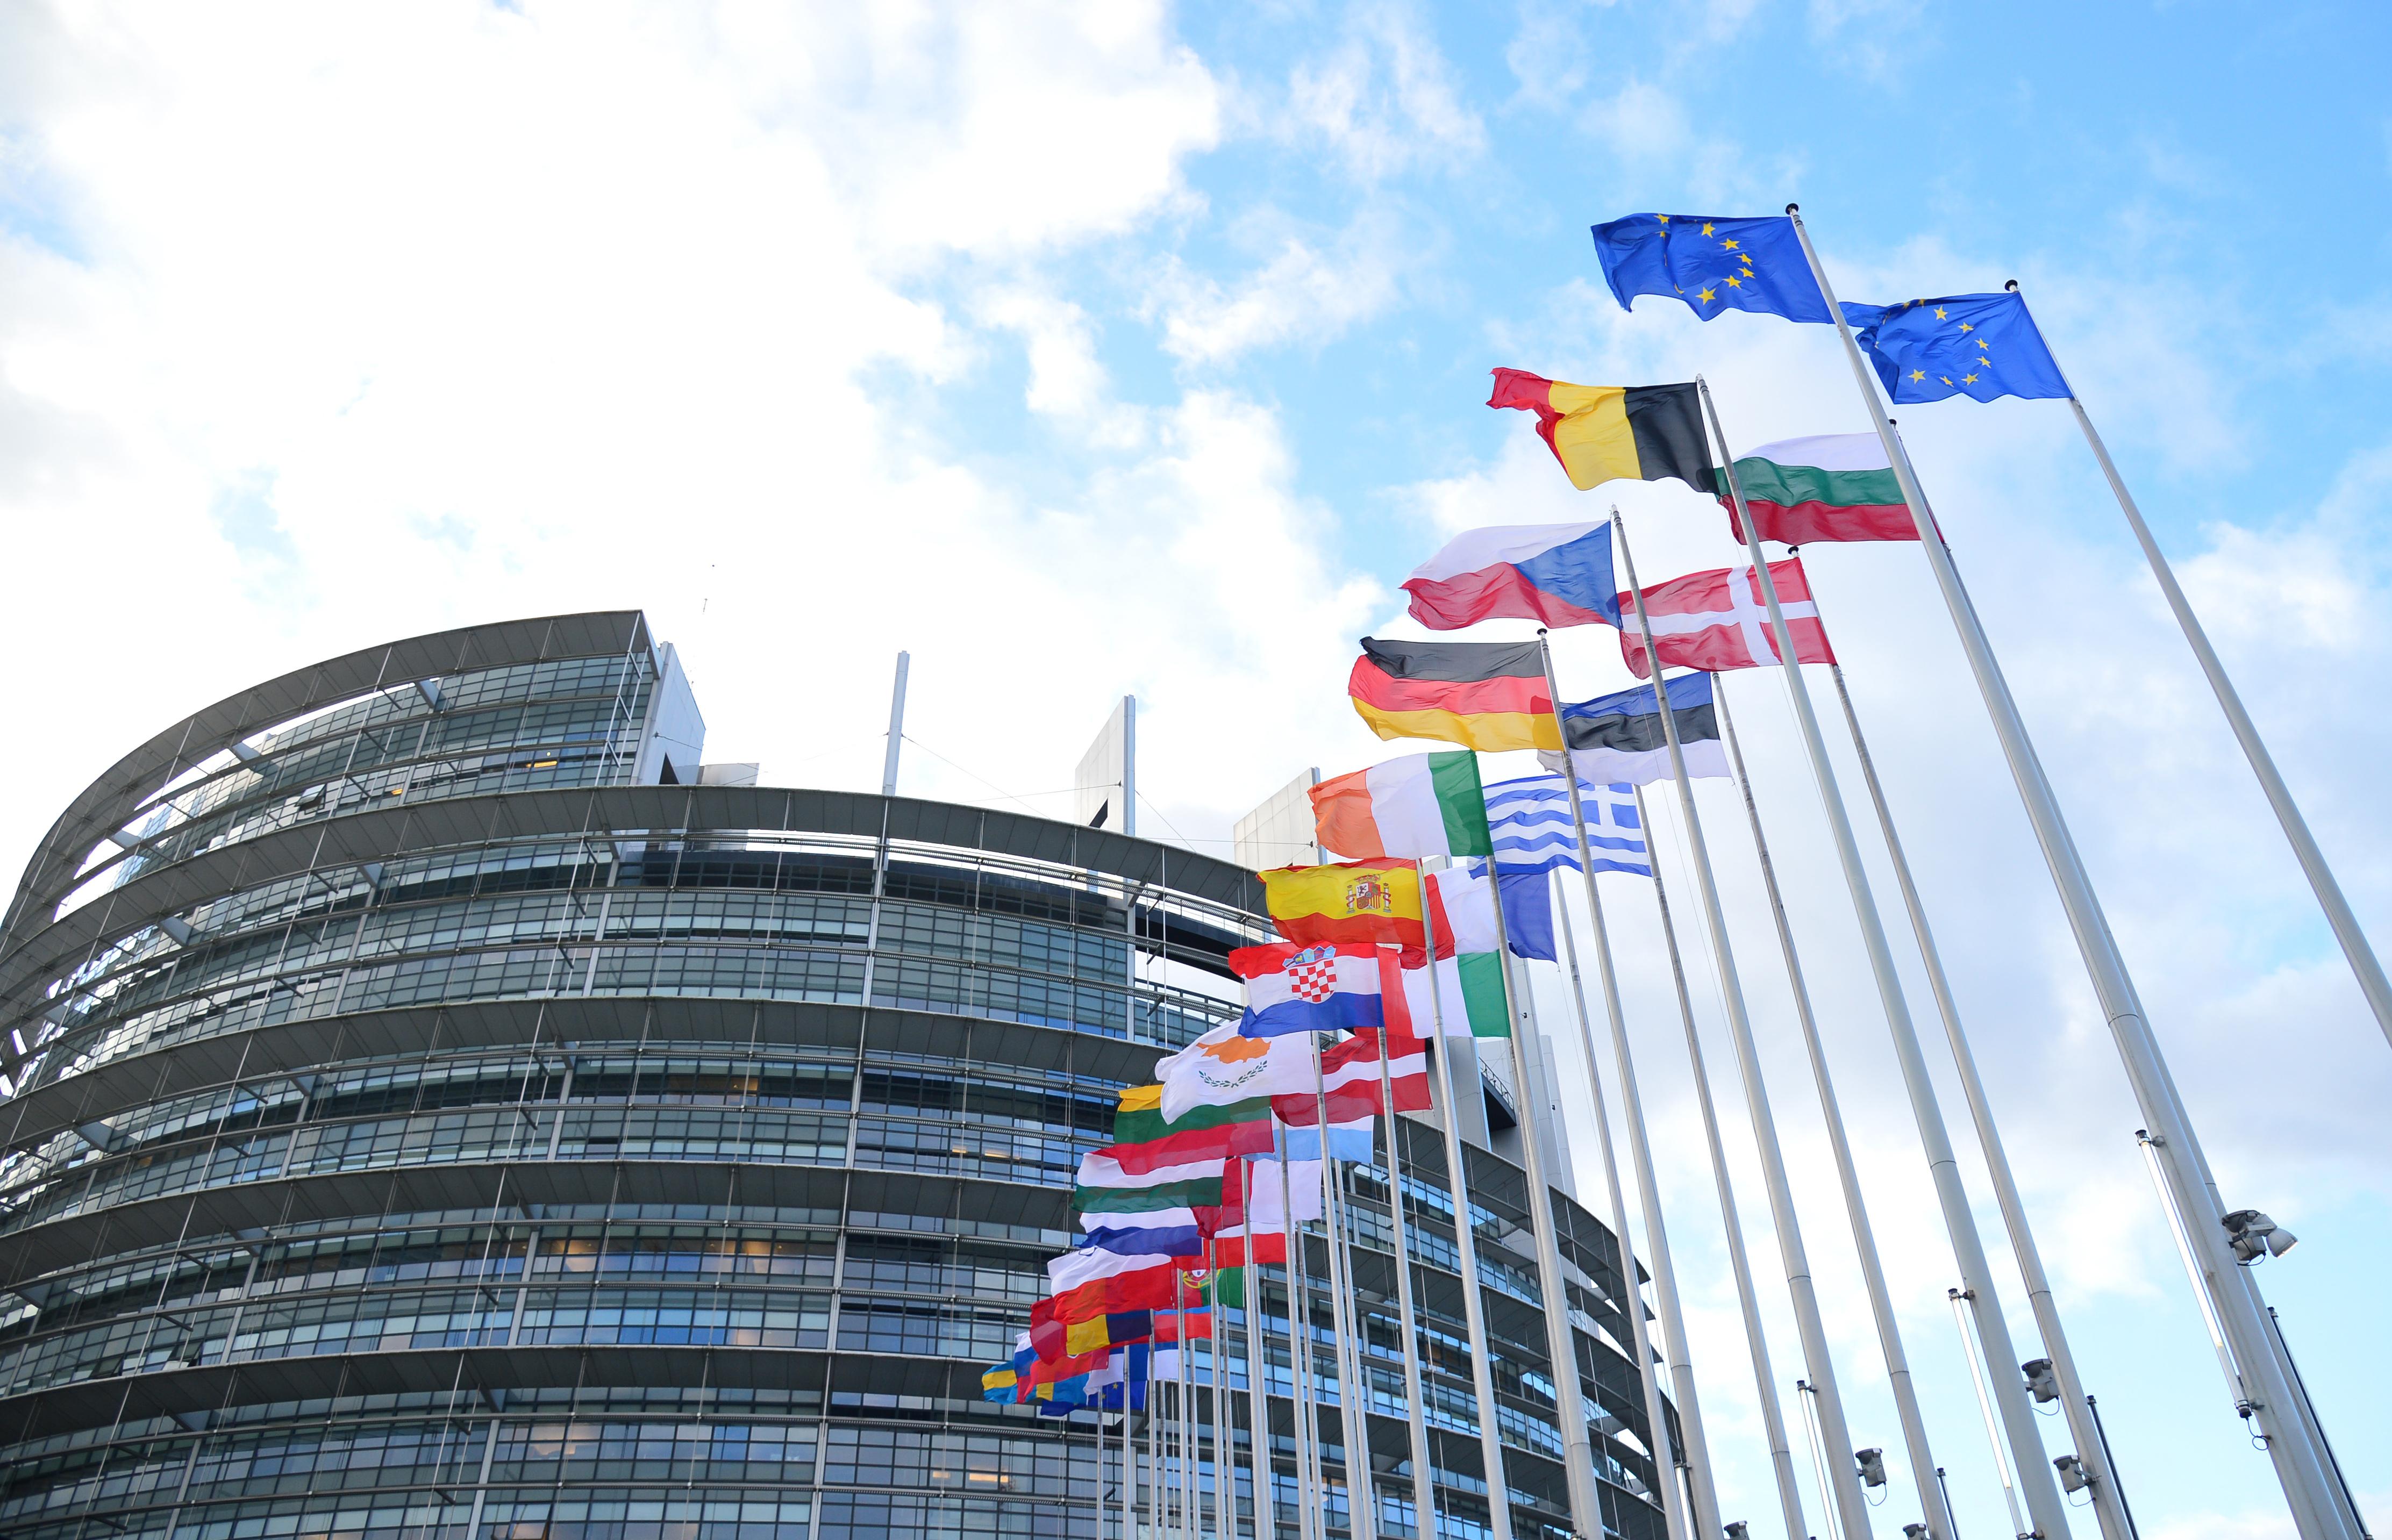 Az EP minimum fél évvel meghosszabbította a polgári kezdeményezések aláírásgyűjtési időszakát, így a székelyekét is a járvány miatt